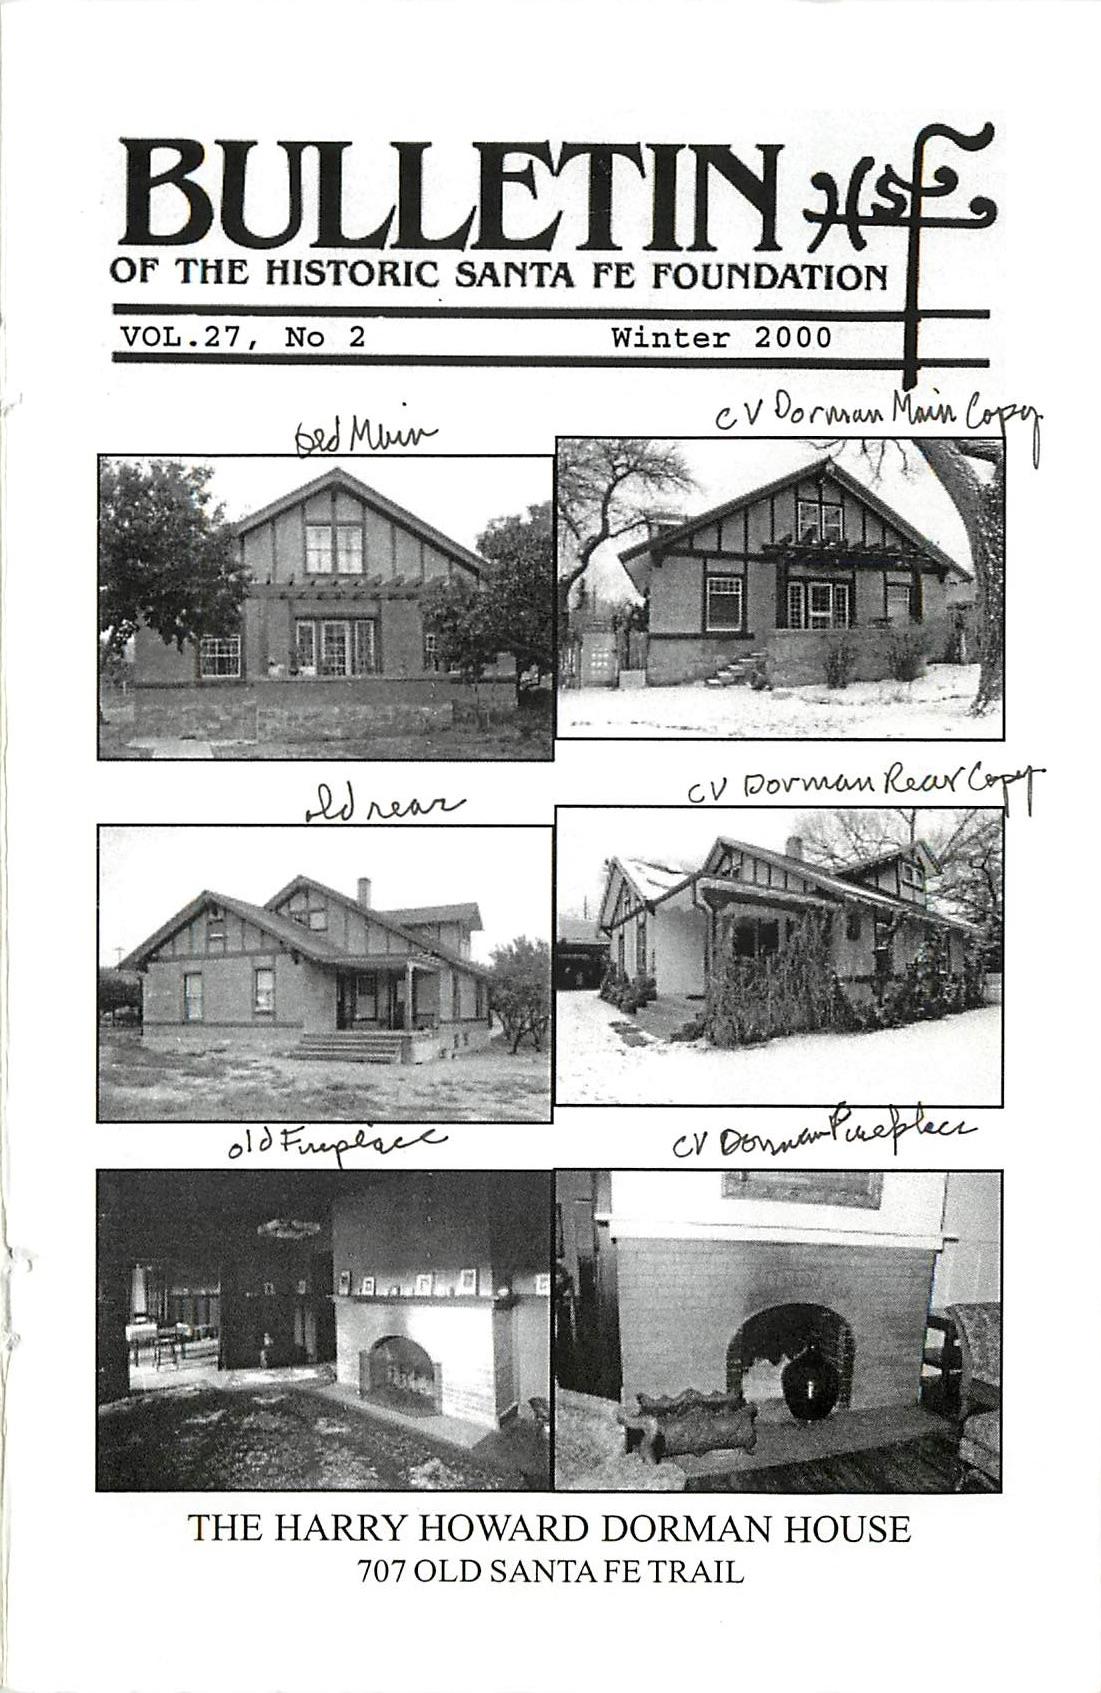 2000 HSFF Bulletin Vol.27 No.2 Cover